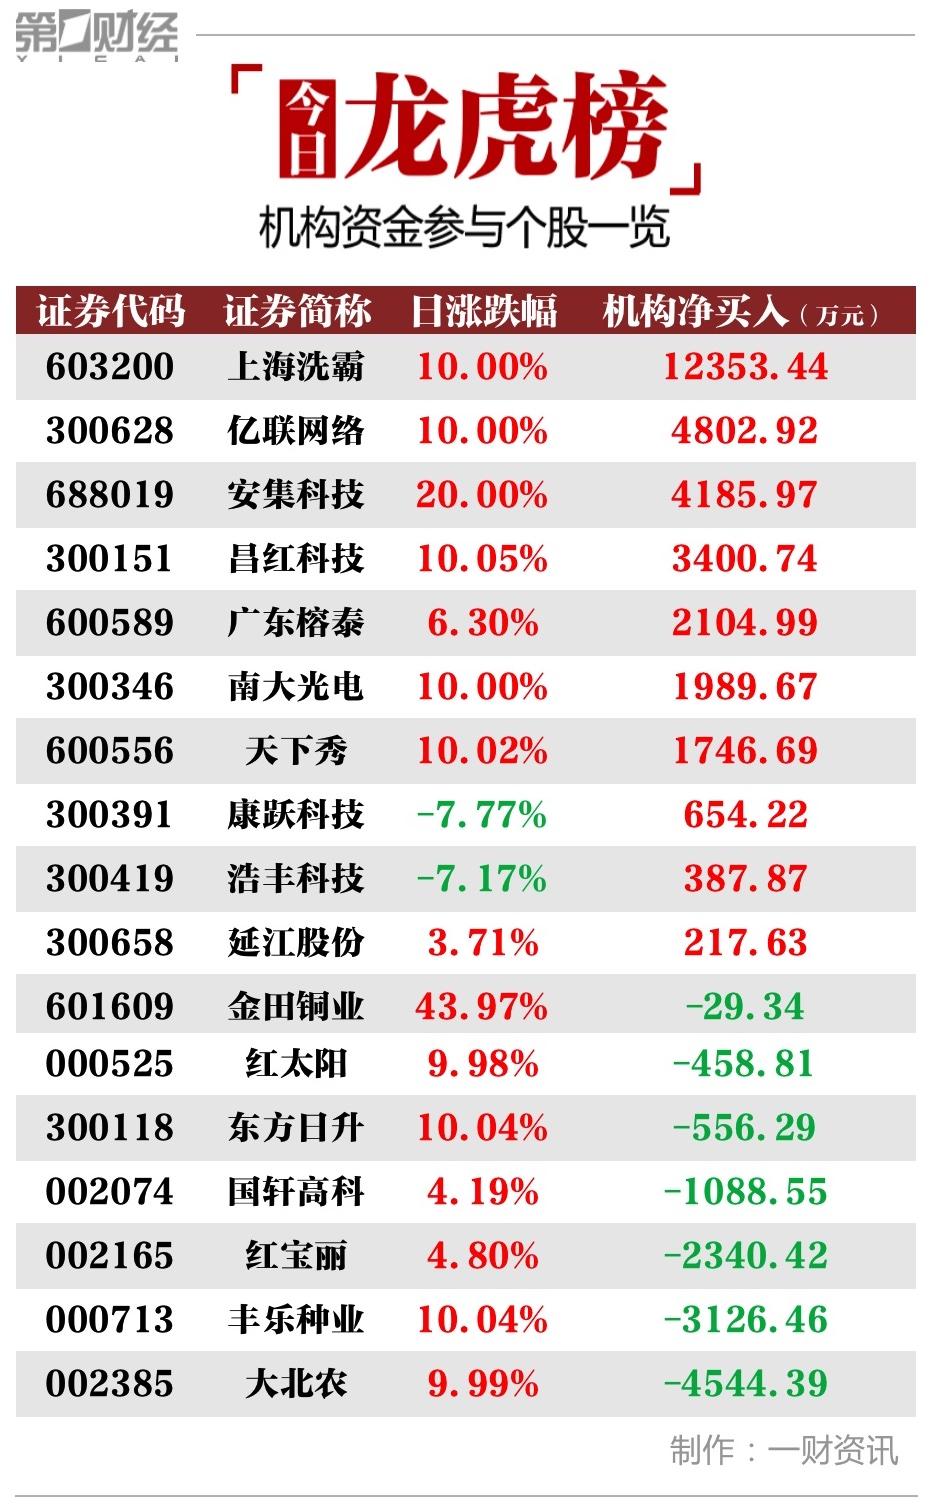 龙虎榜丨机构今日卖出这7股,买入上海洗霸1.2亿元